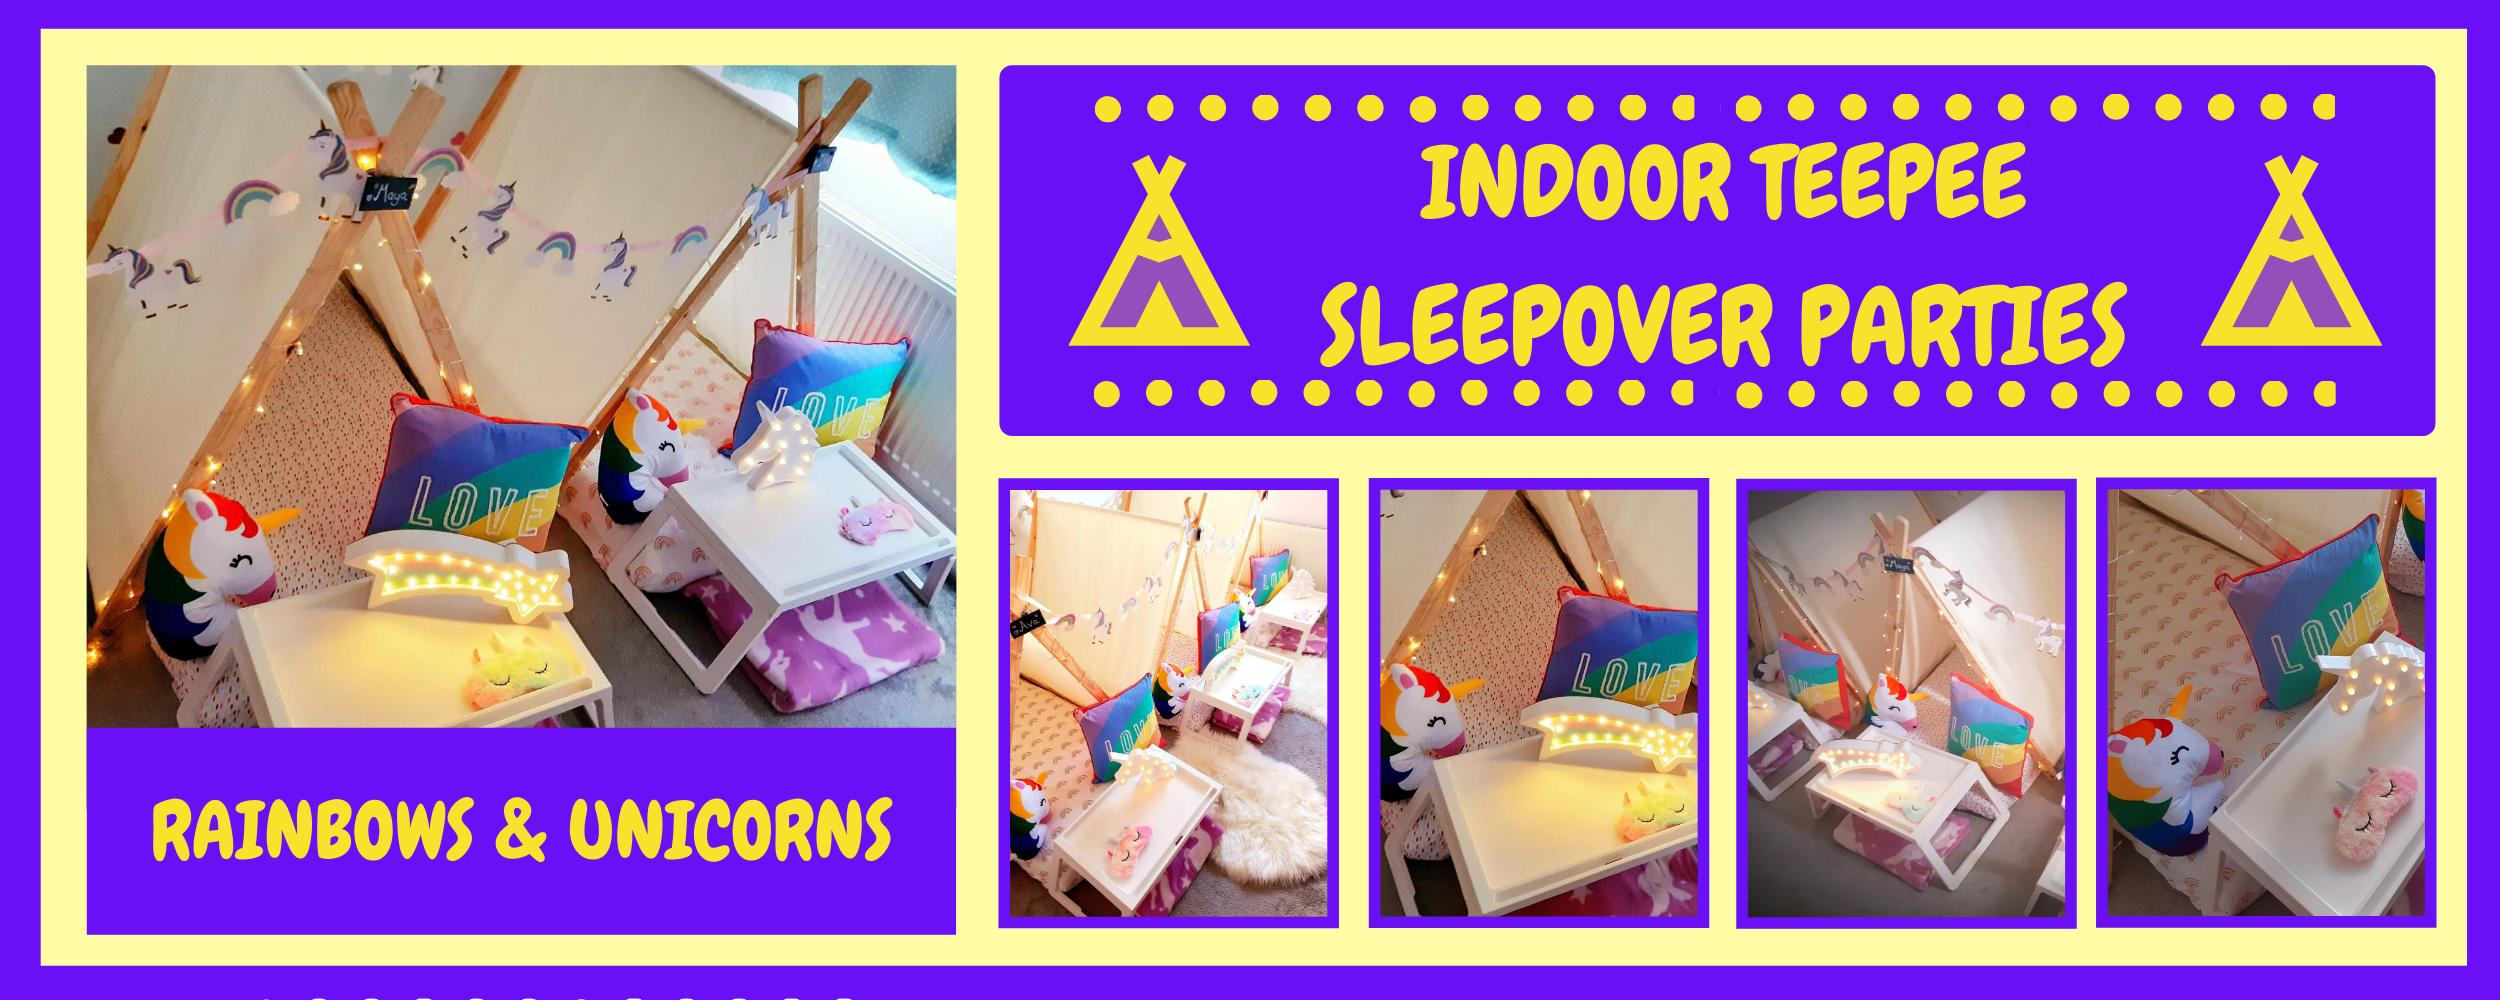 rainbows-and-unicorn-sleepover-party